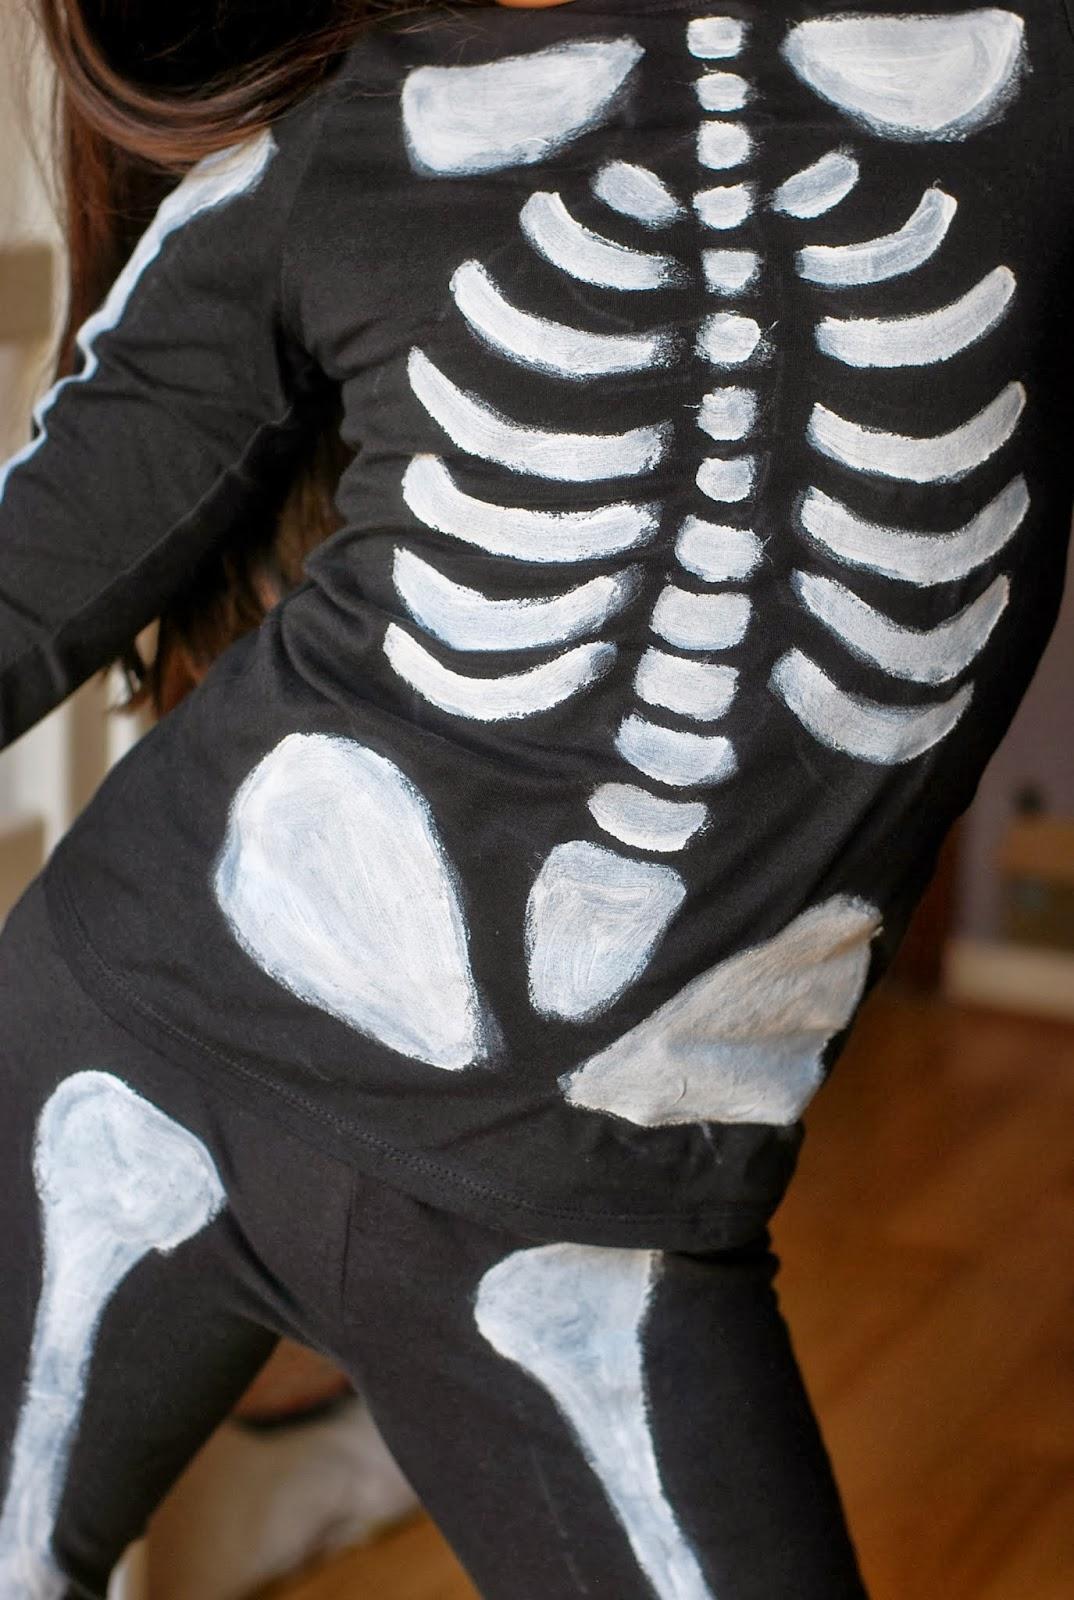 le grand bazaar diy d guisement squelette tuto inside quoi a faisait longtemps. Black Bedroom Furniture Sets. Home Design Ideas